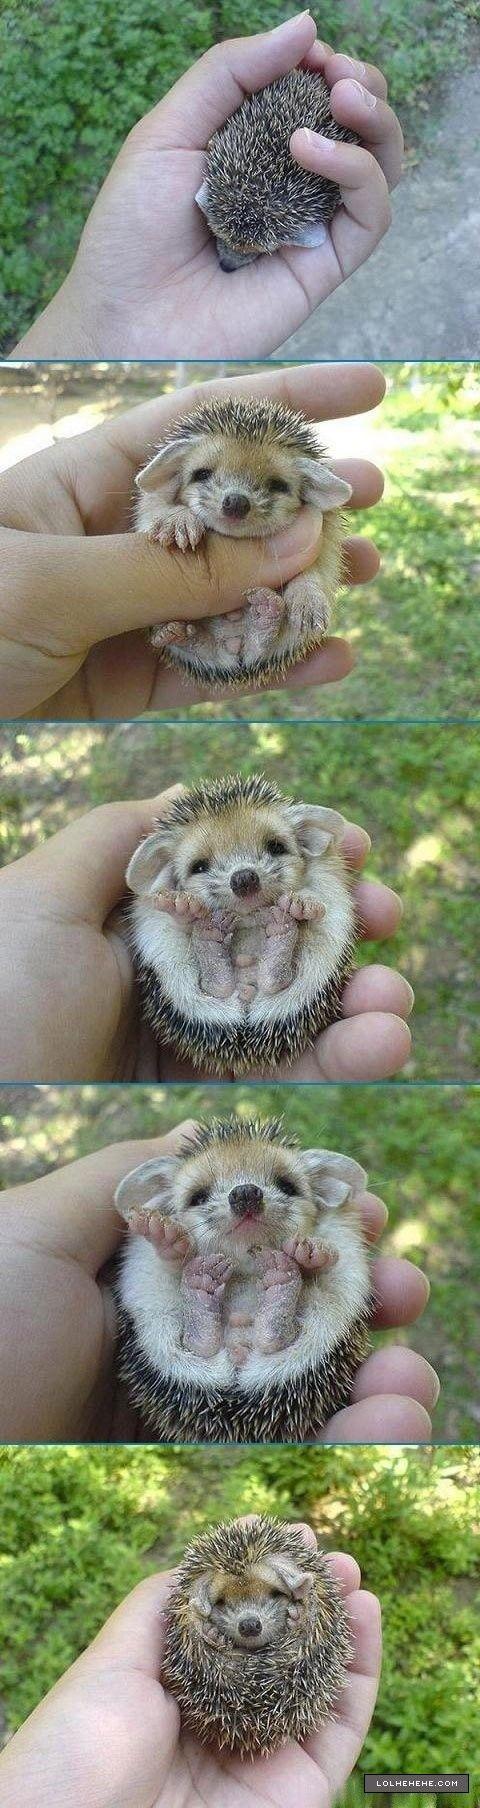 little hedgehog!